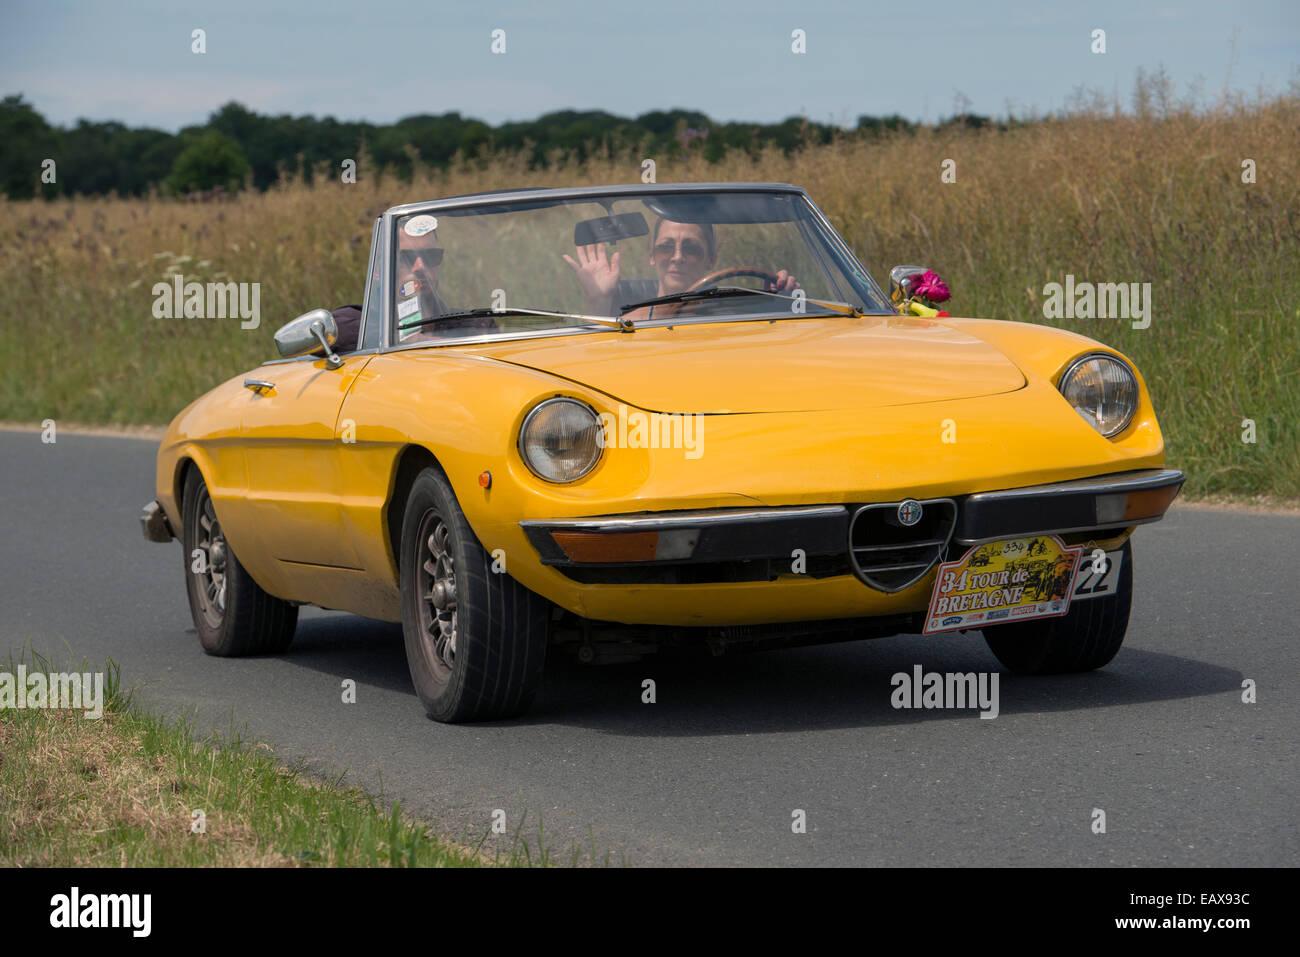 Alfa Romeo Giulietta Spider Of 1970 In The Tour De Bretagne 2014 Stock Photo Alamy